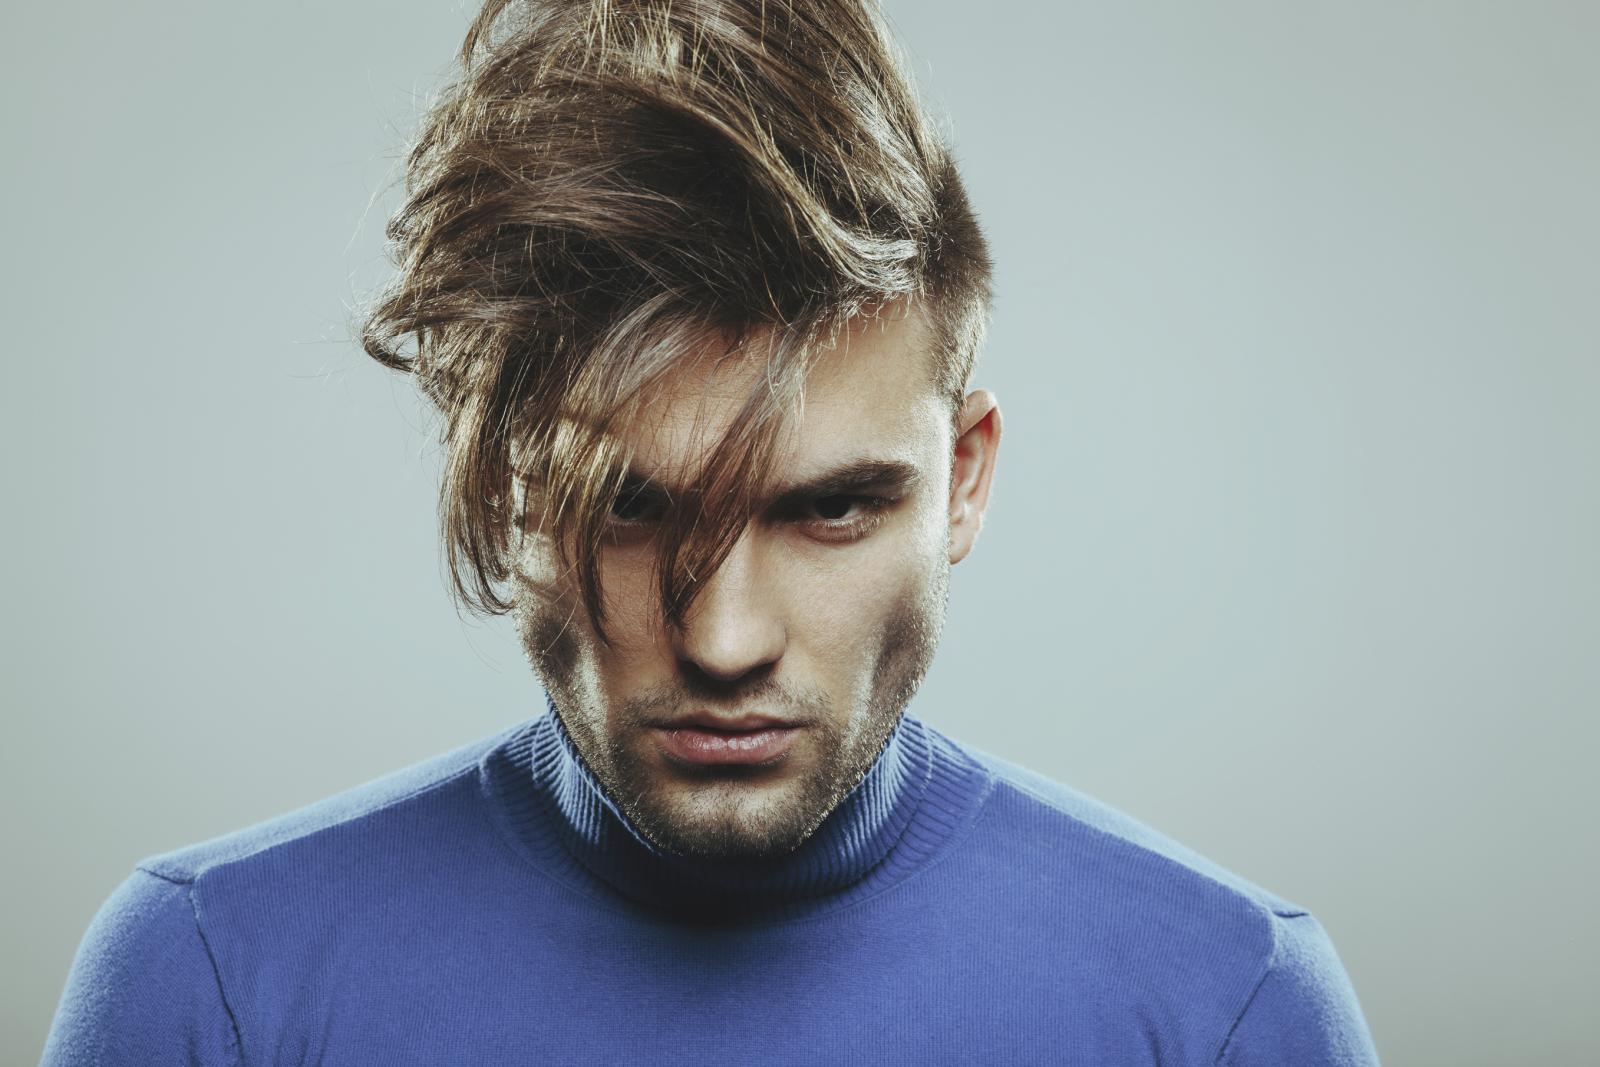 Ako vas brine pojačano ispadanje kose, vrijeme je da nešto poduzmete.